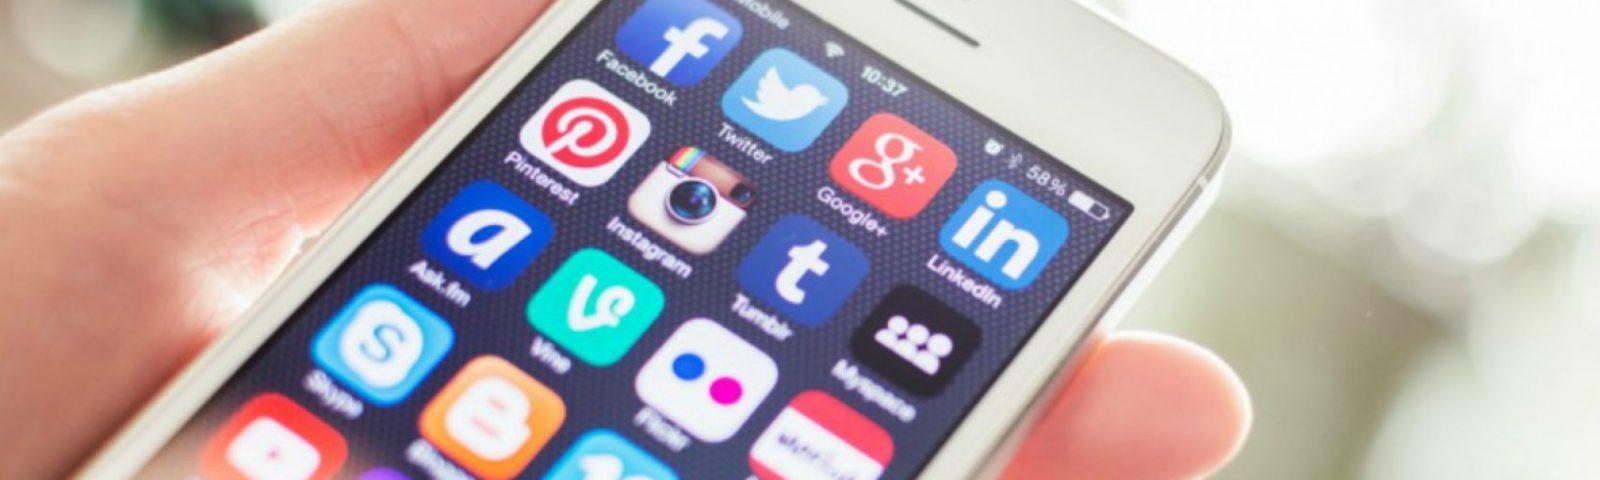 Promover marca nas redes sociais redes sociais infofranchising